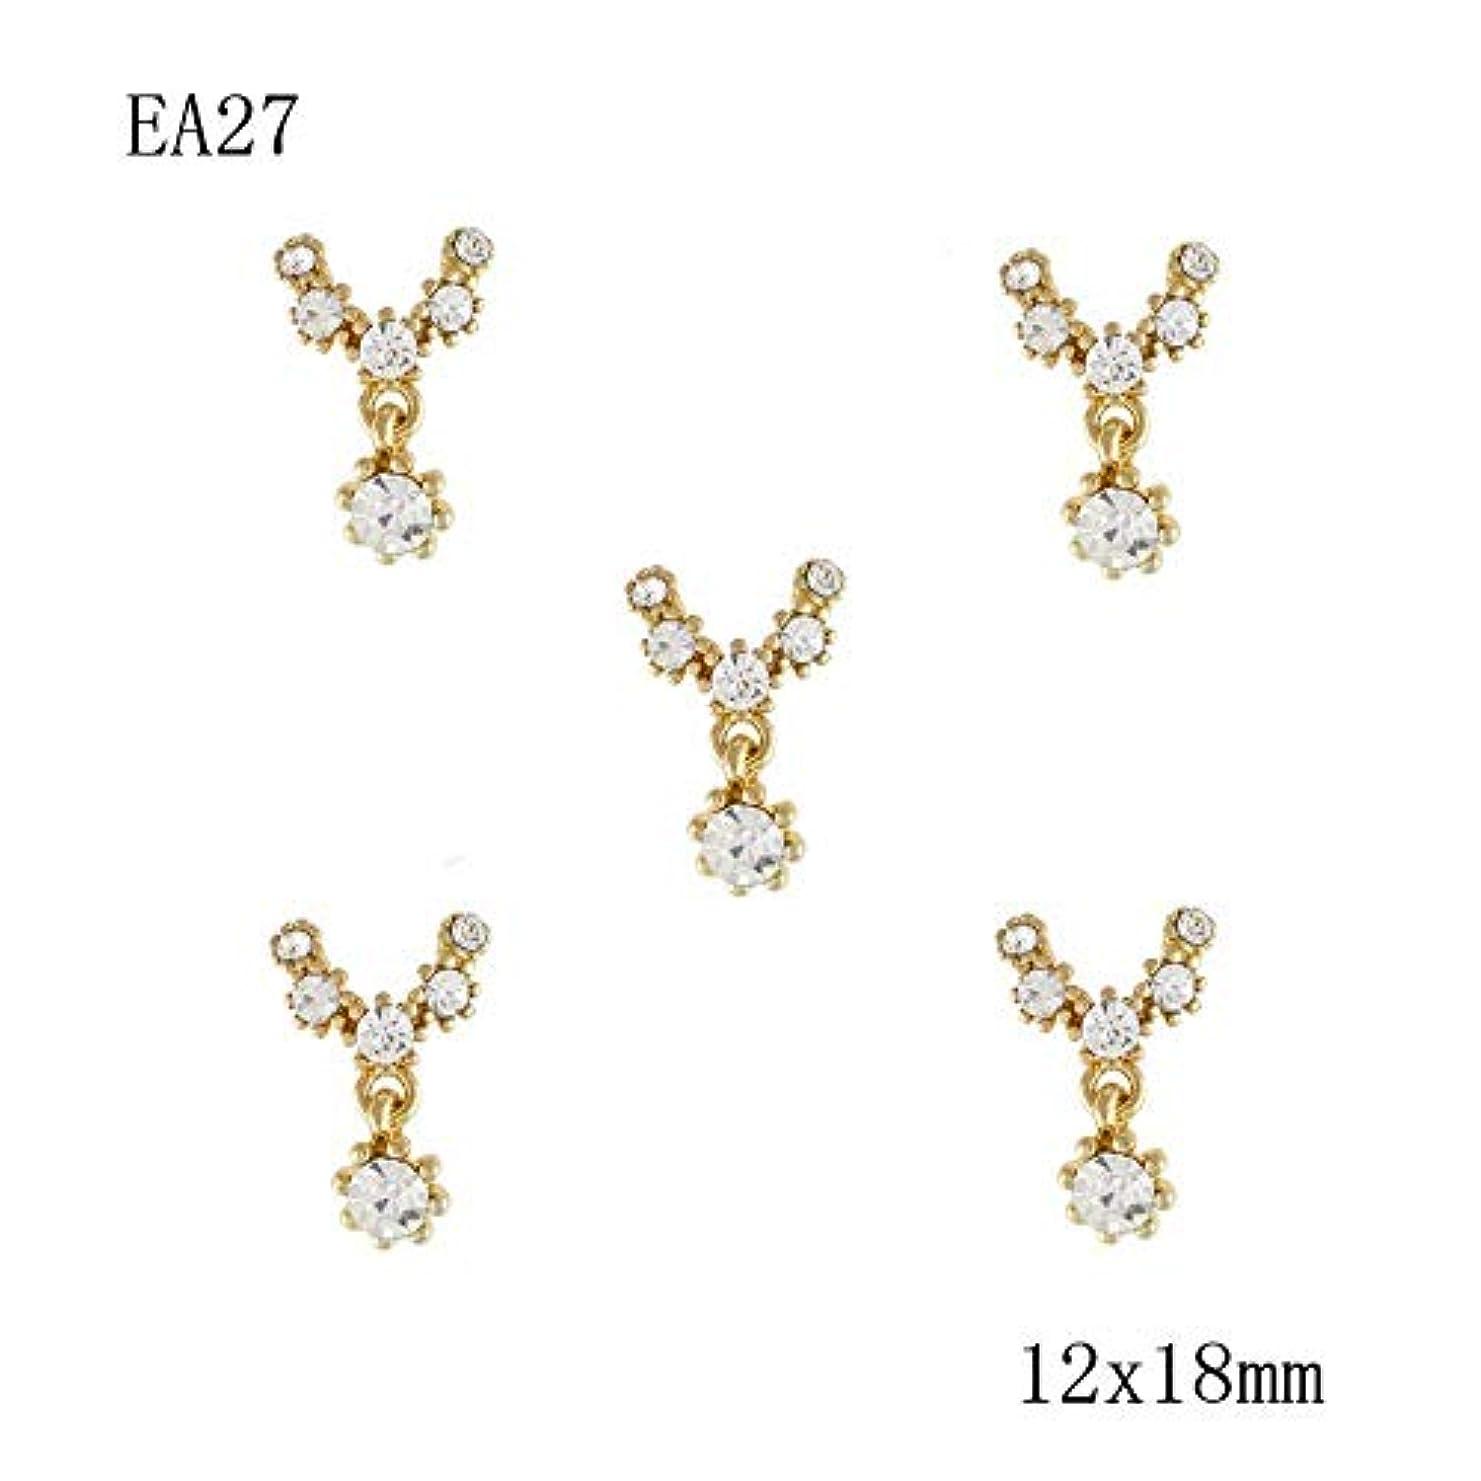 ピカソアラビア語素晴らしいです10PCS金銀金属の3Dダイヤモンドネイルアートクリスマスの装飾の魅力の爪は、ラインストーンネイル用品の宝石クリスマスのキラキラ,21